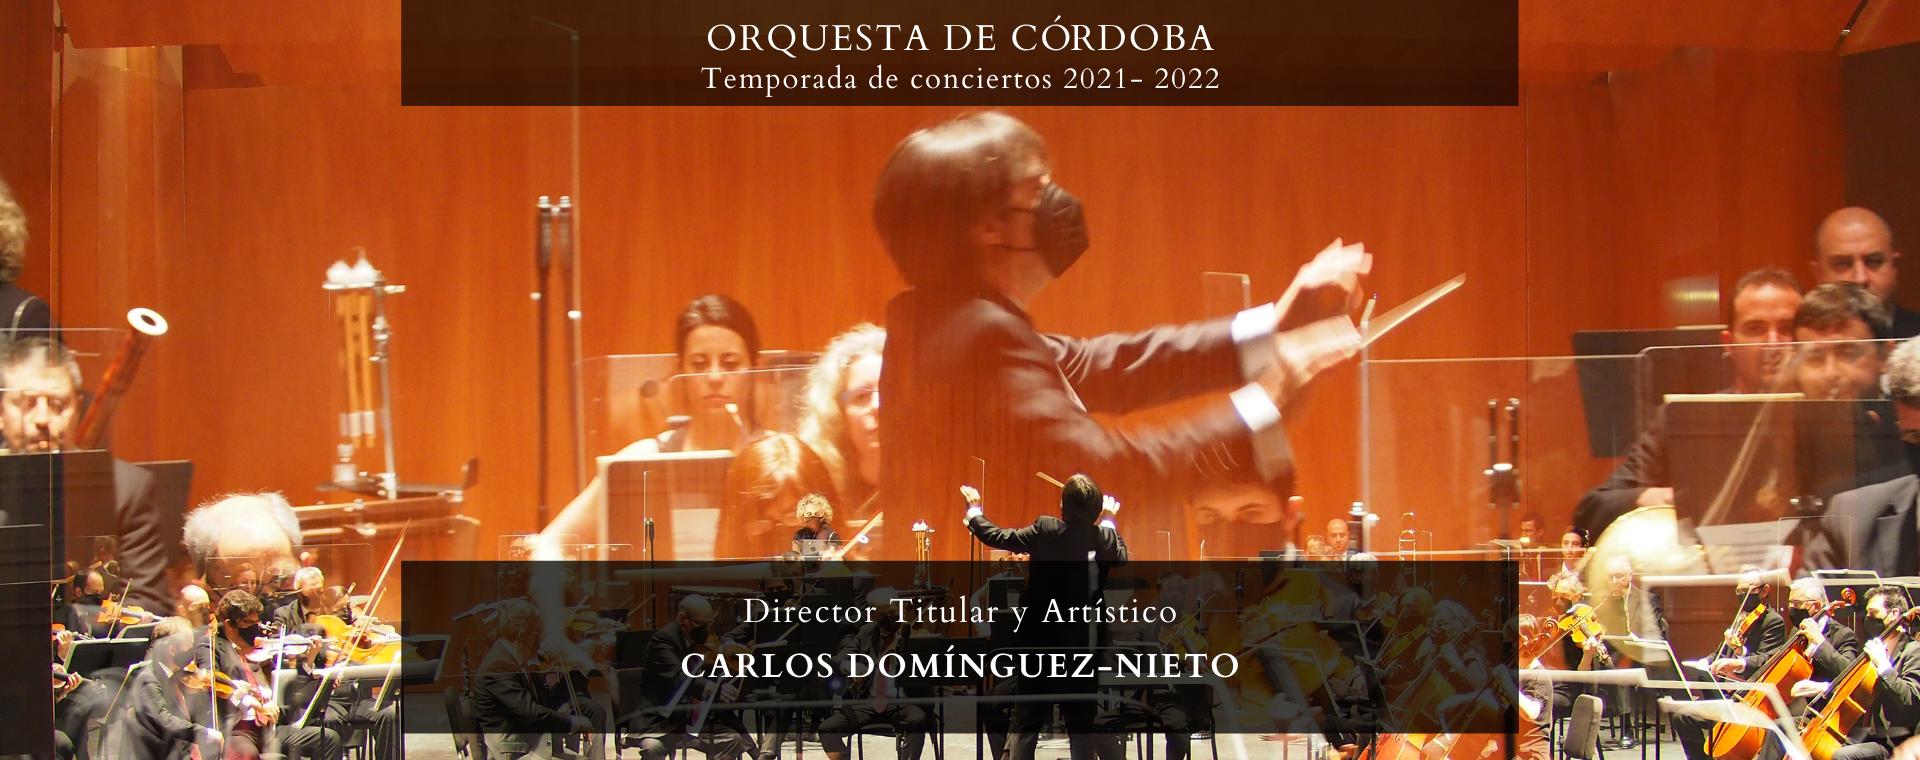 Orquesta de Cördoba